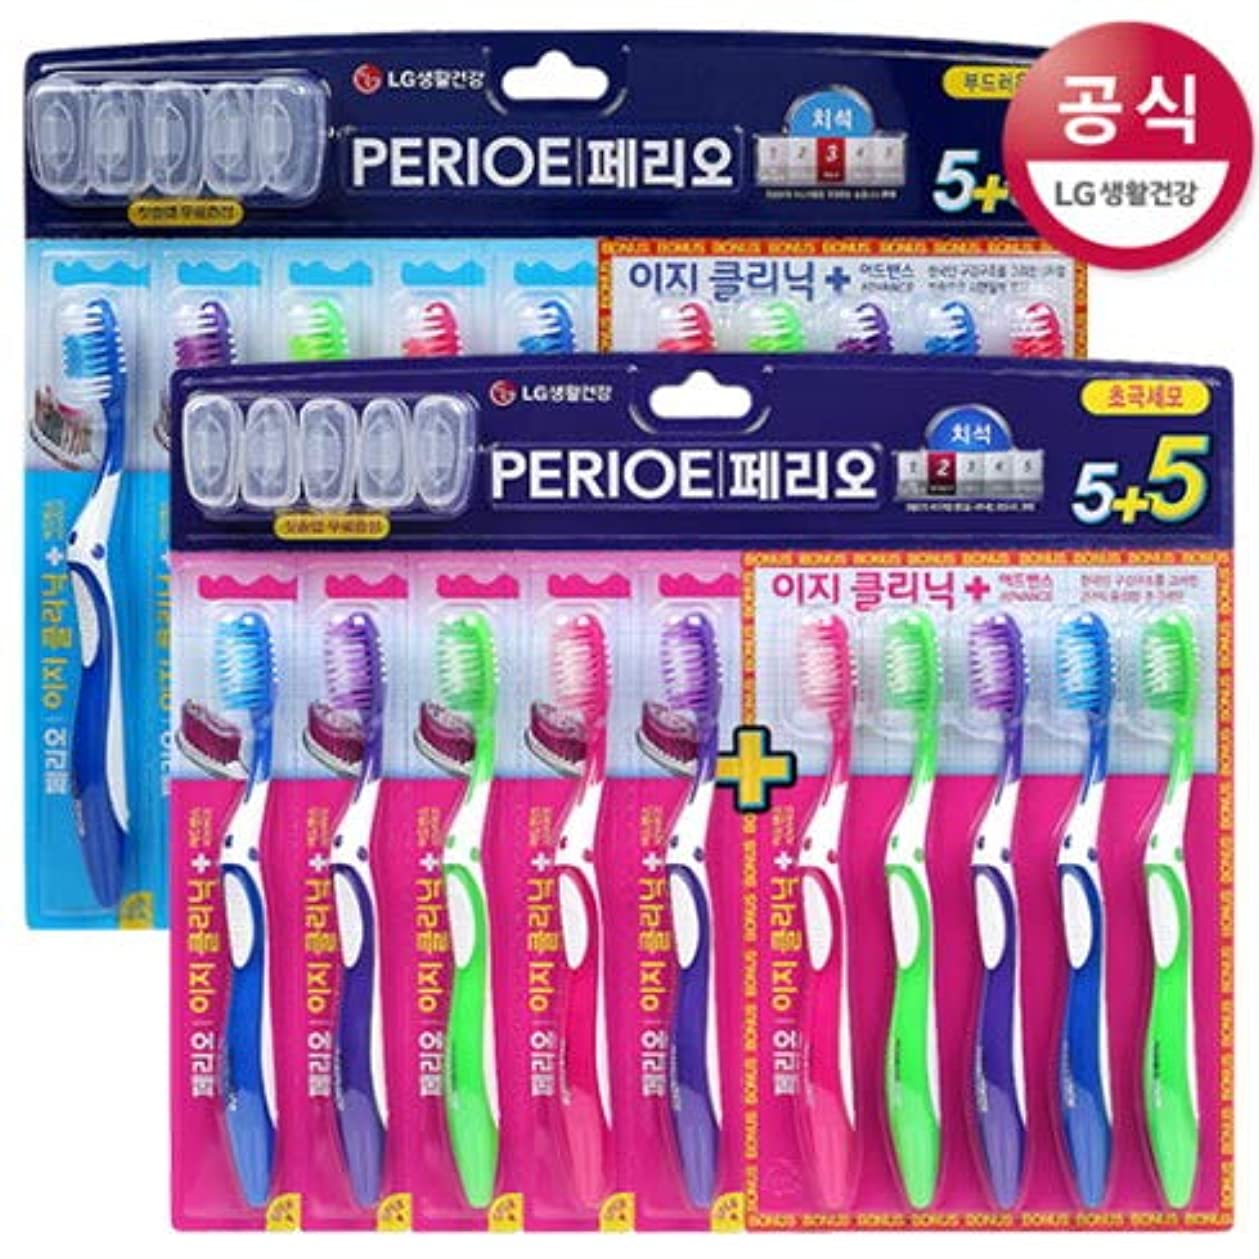 く蒸し器プロット[LG HnB] Perio Easy Clinical Advance Toothbrush/ペリオでクリニックアドバンス歯ブラシ 10の口x2個(海外直送品)